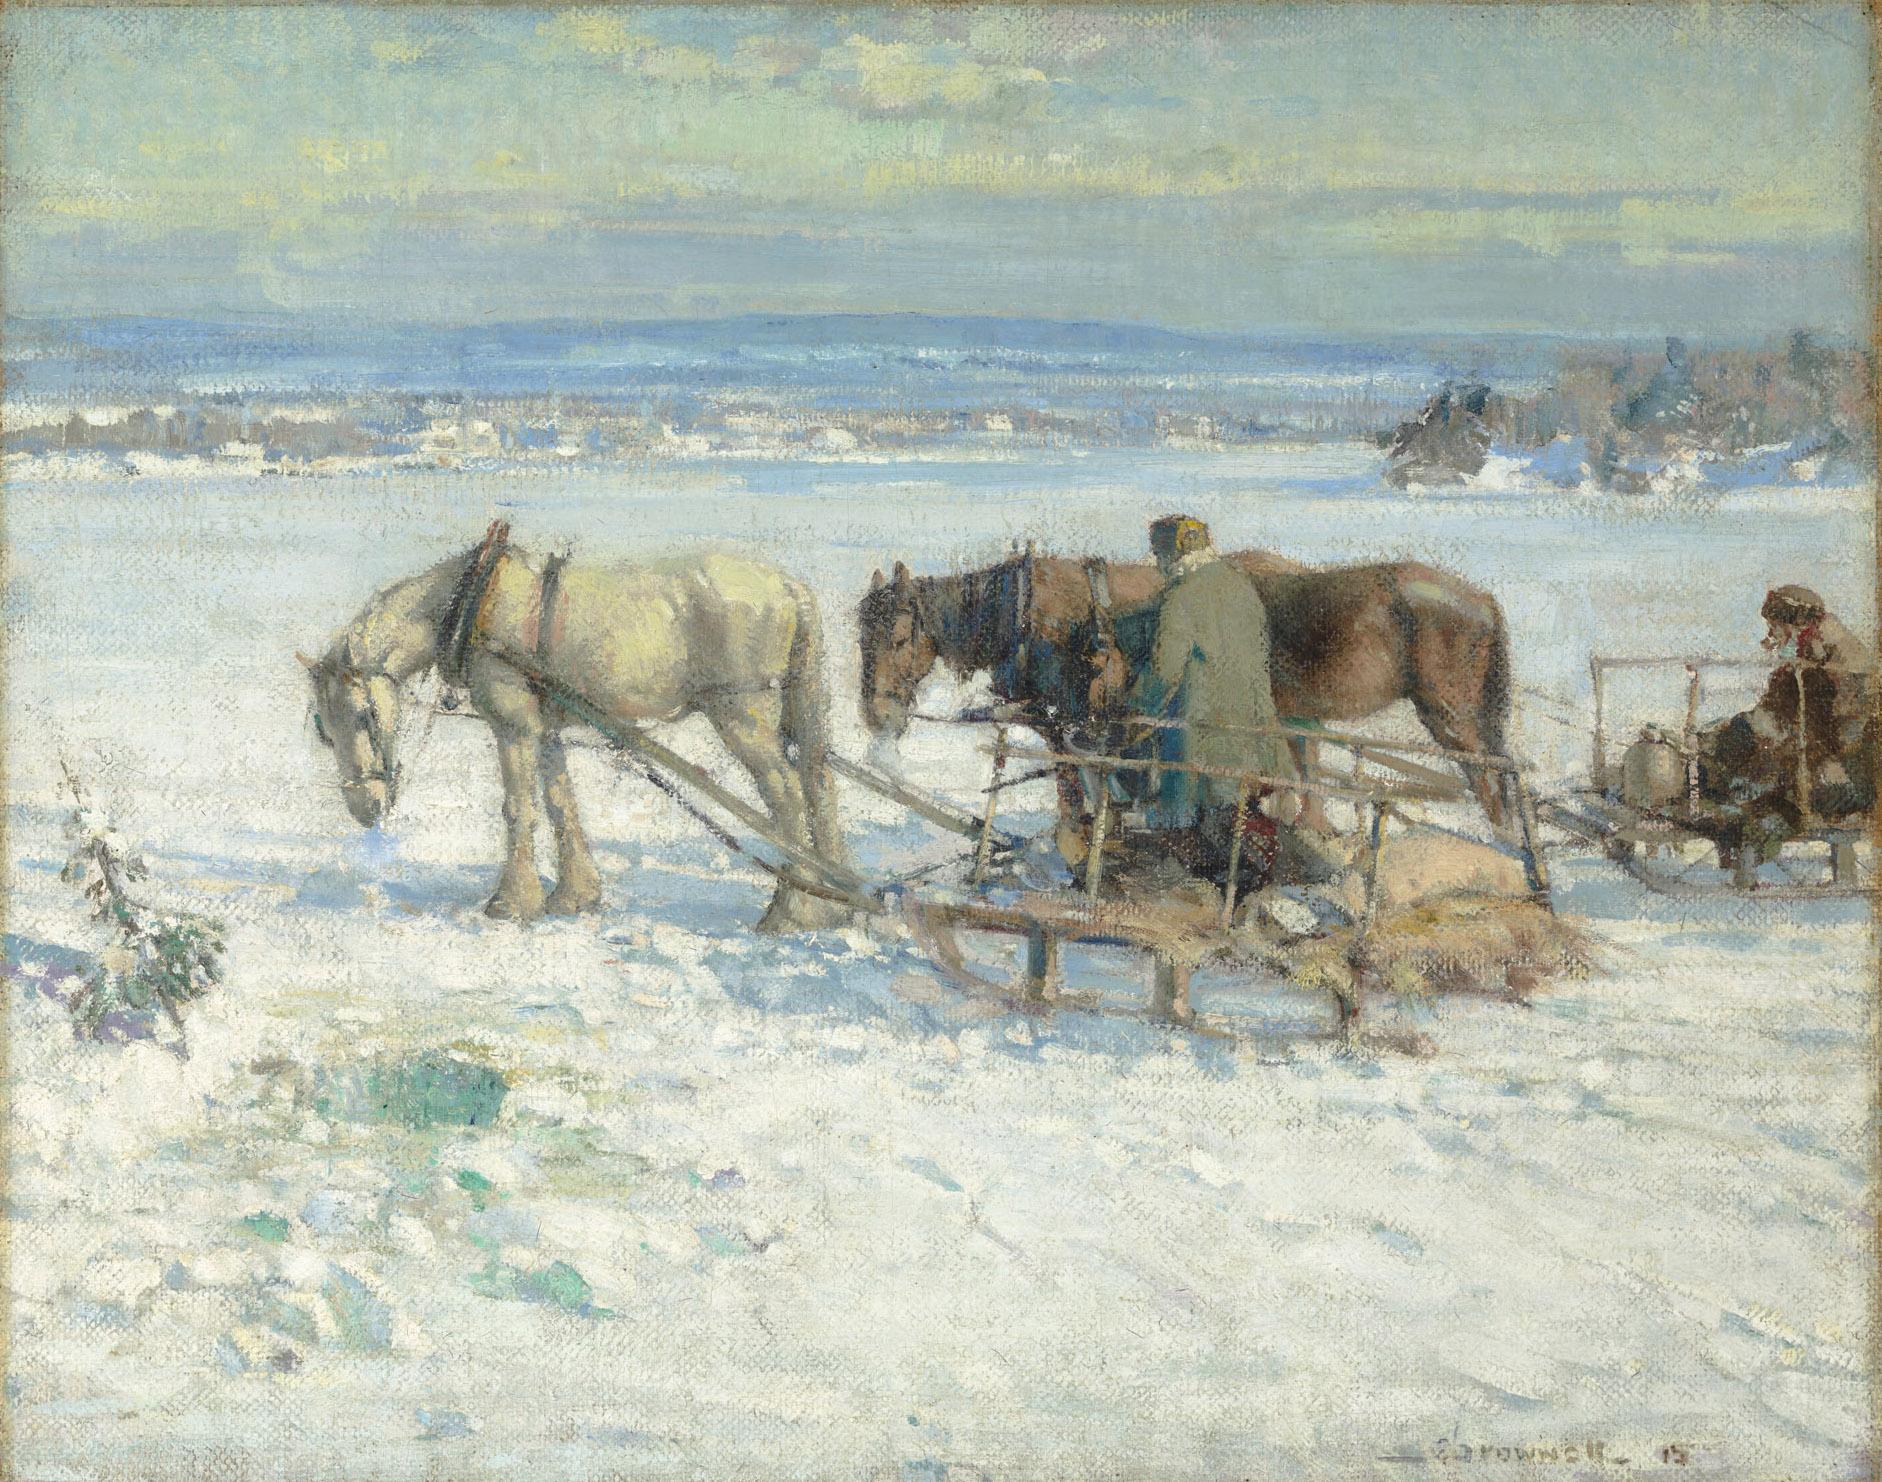 Franklin Brownell, Pêche sur glace, collines de la Gatineau